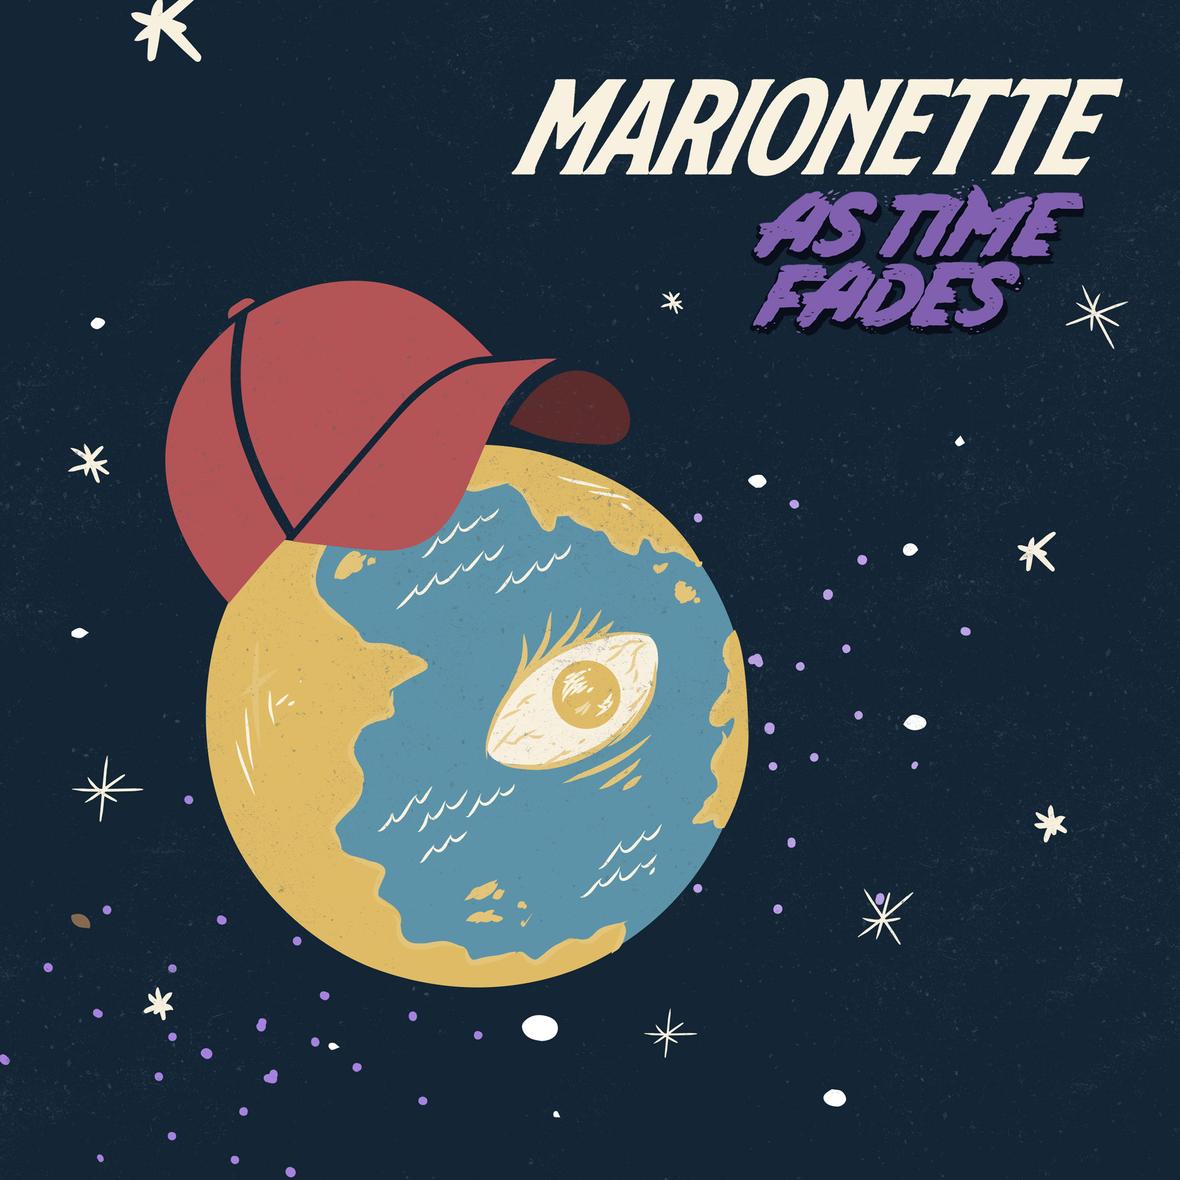 Marionette - Single Art